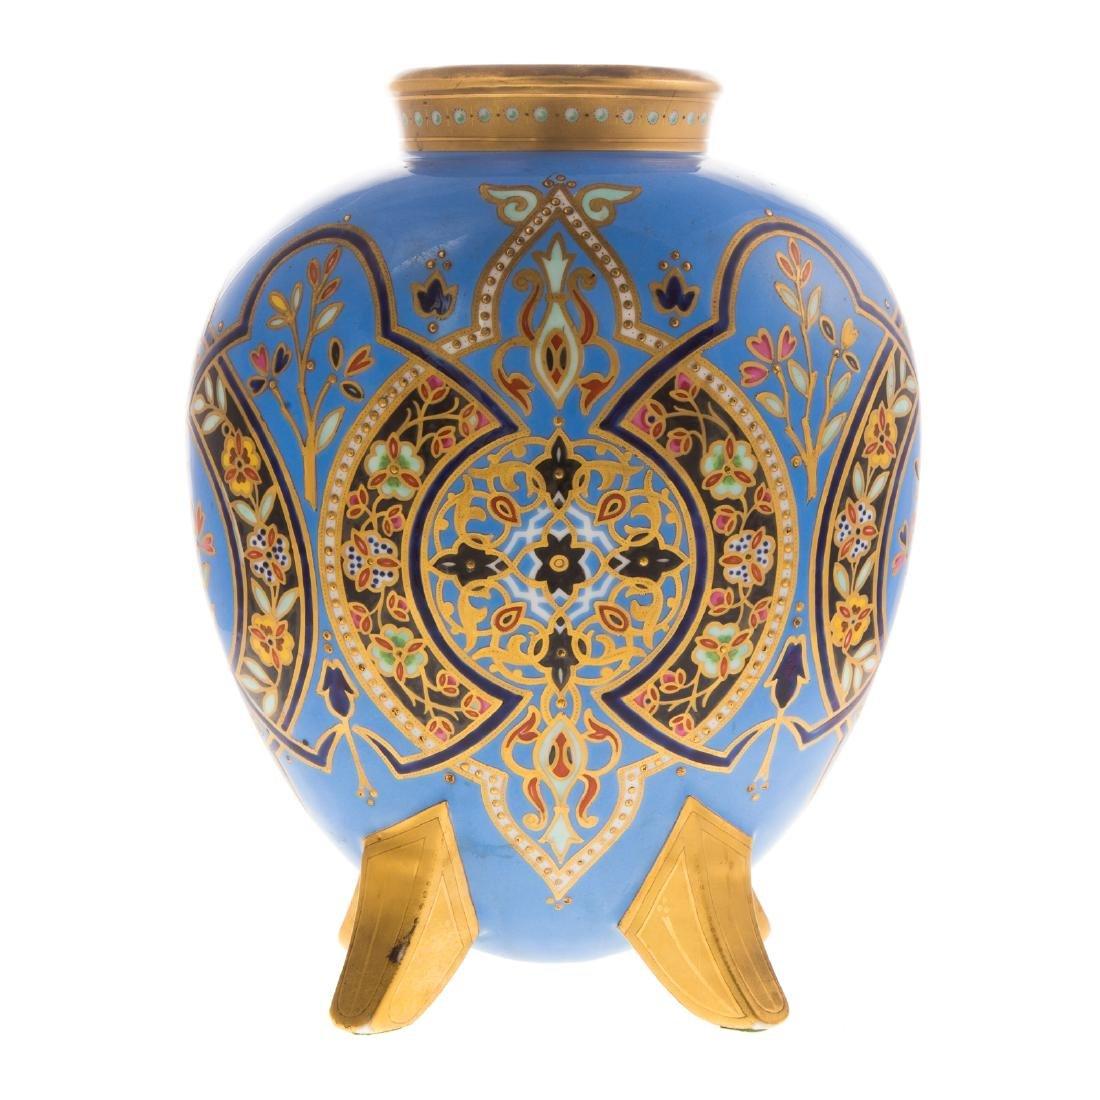 Limoges Porcelain Vase - 5